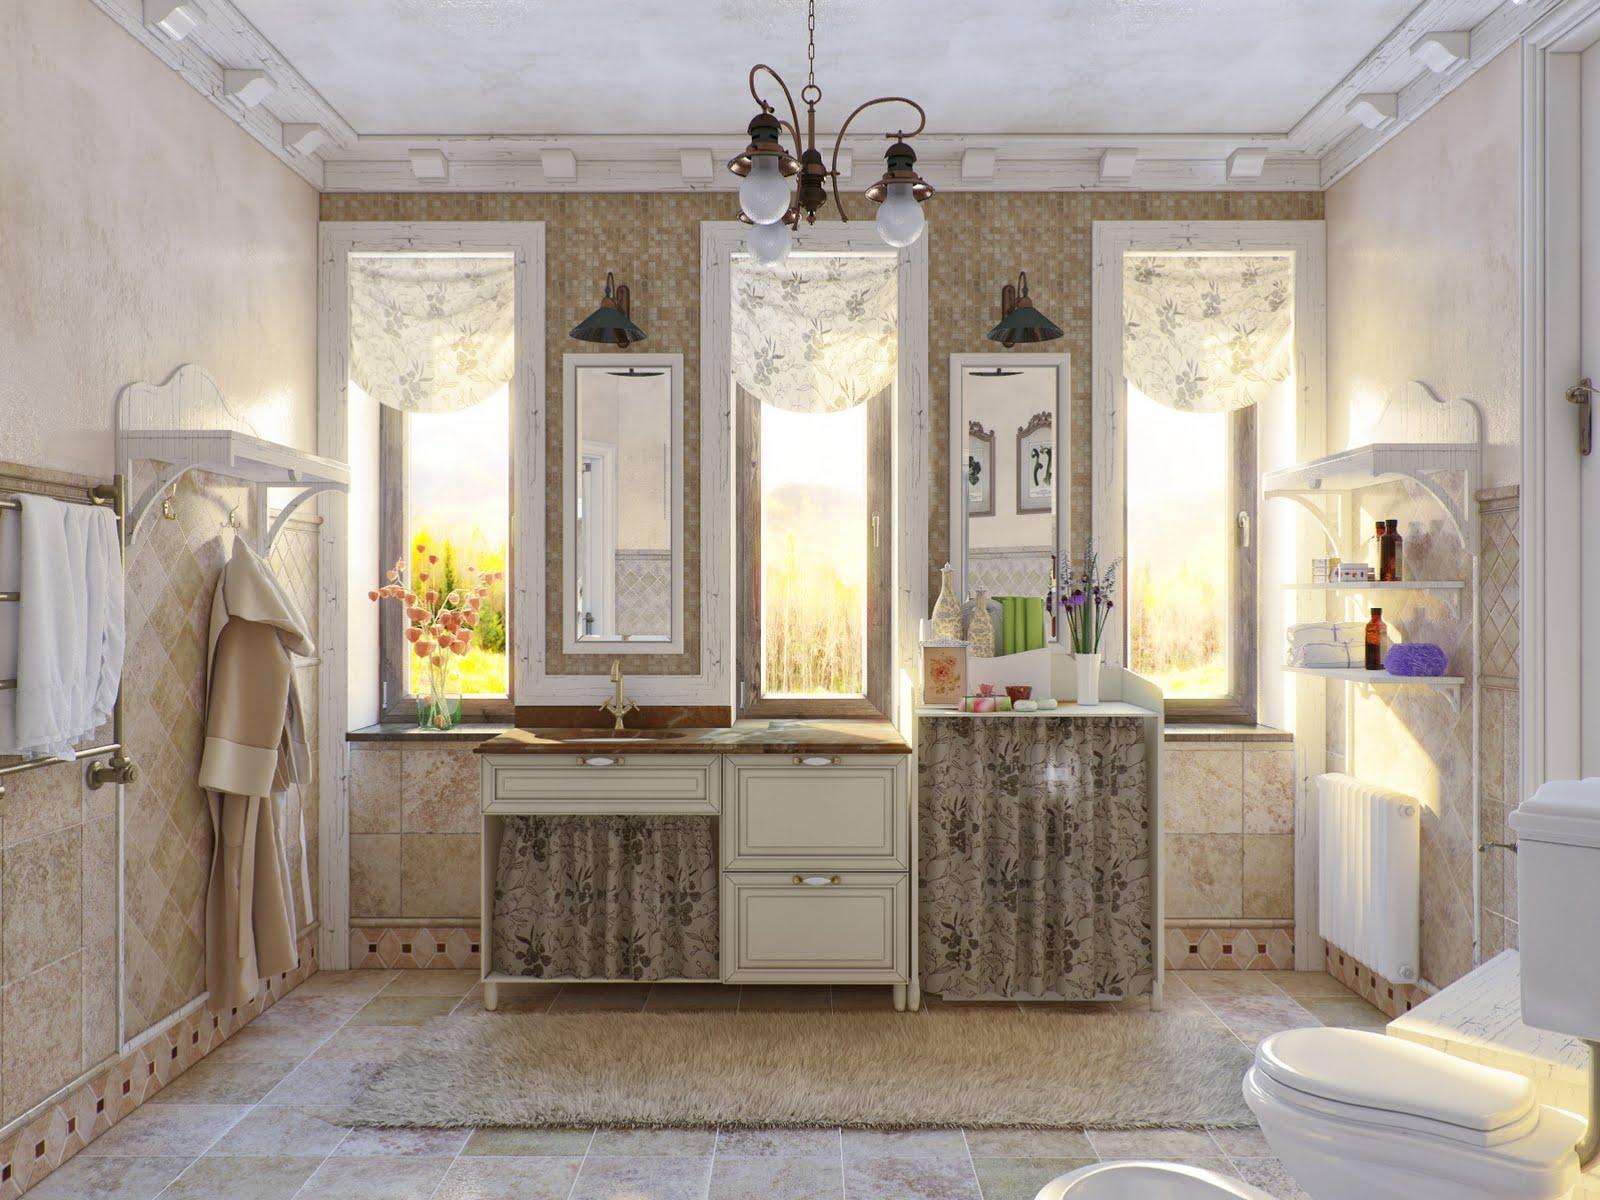 Цветочный принт в ванной в стиле прованс